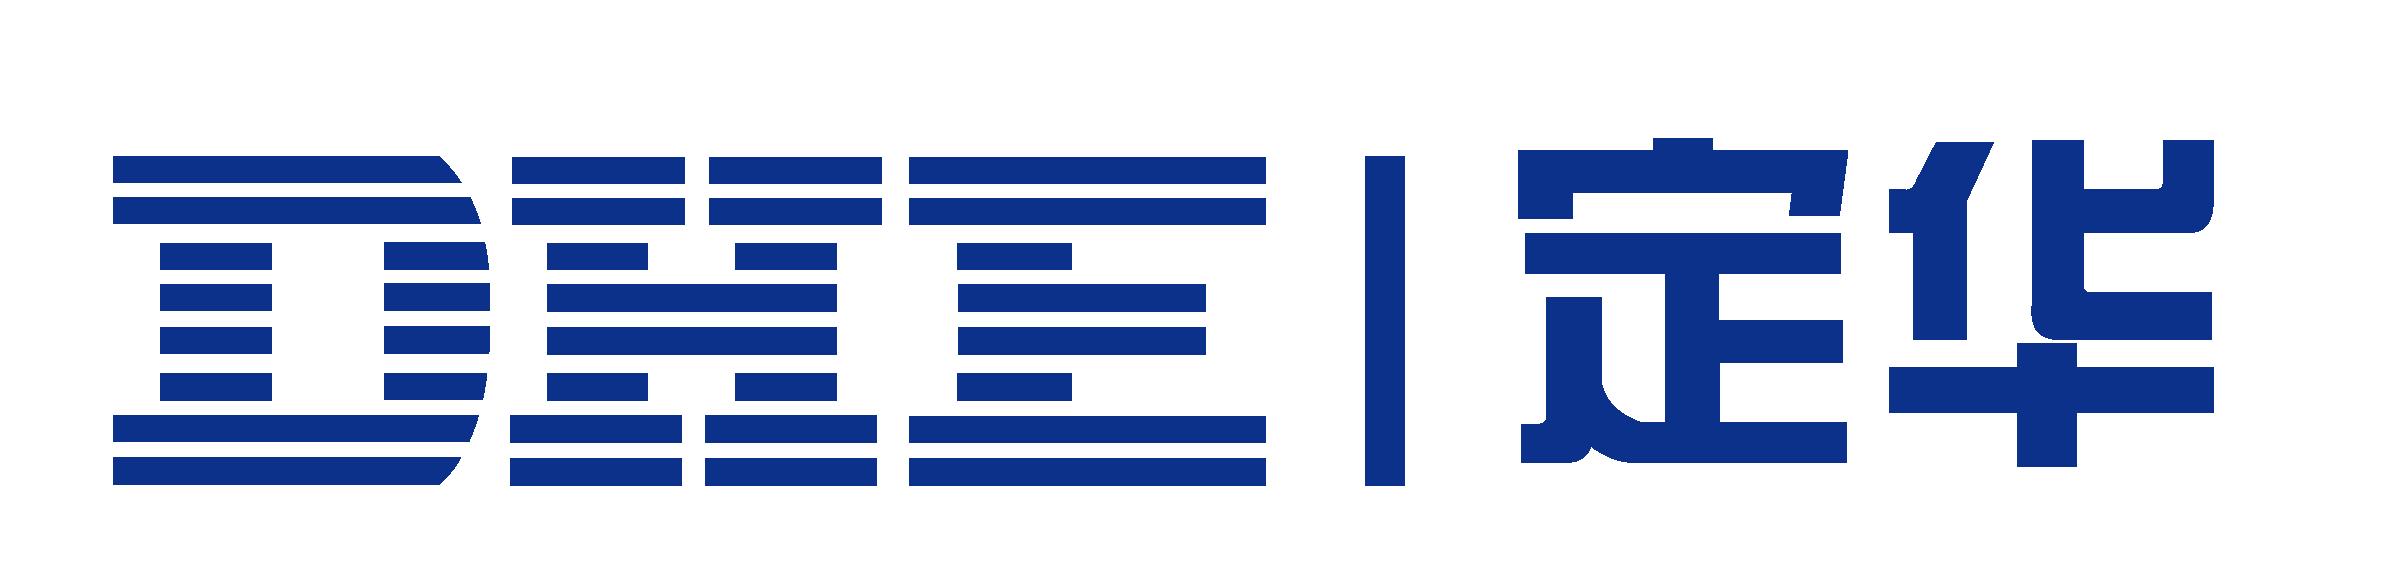 西安定华电子股份有限公司